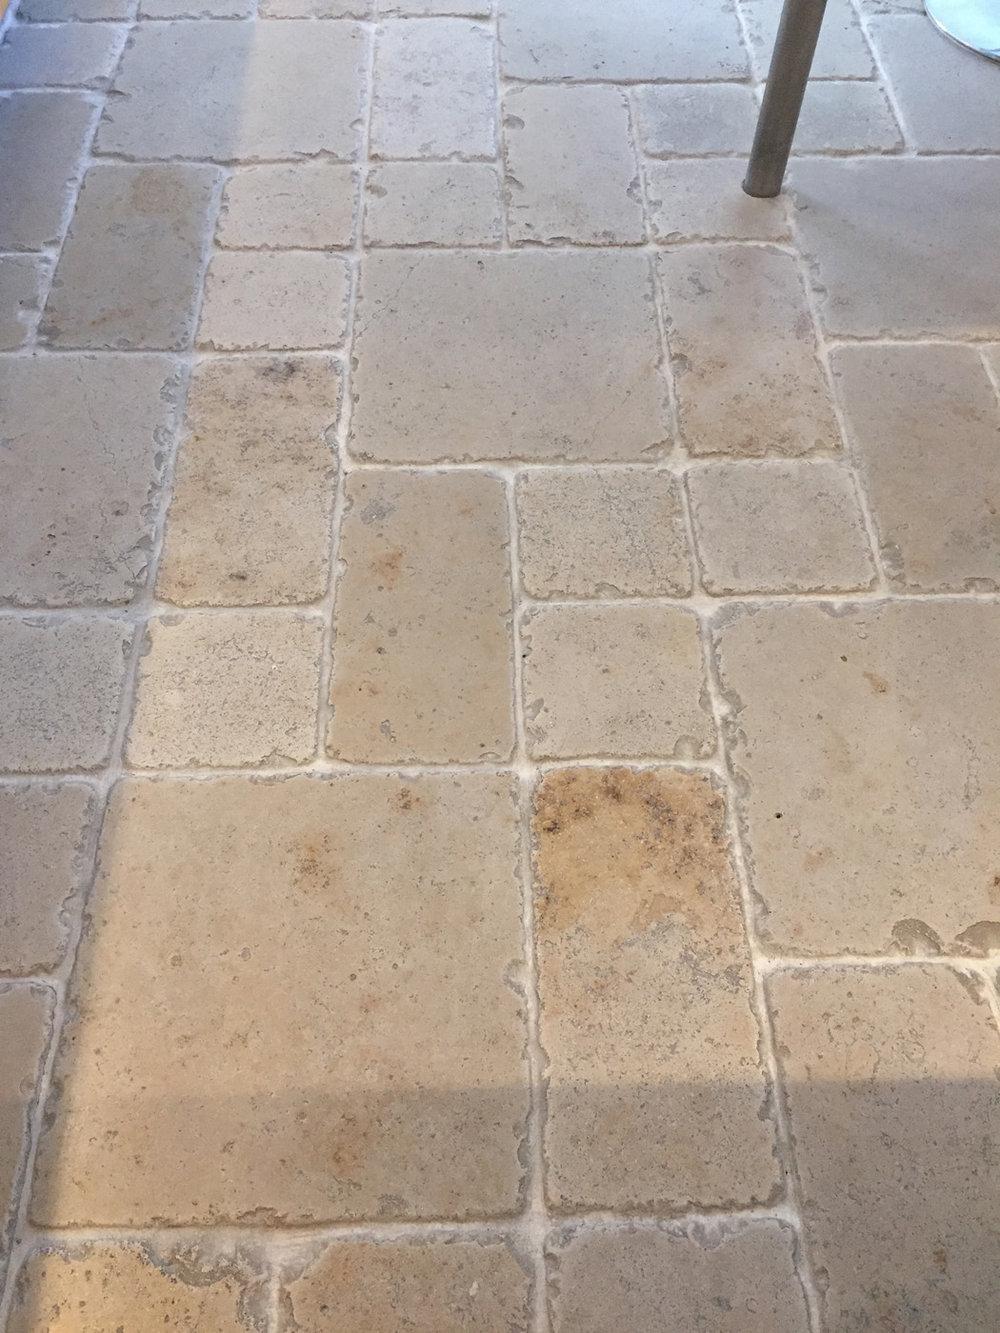 109no. 390x190x13mm & 160no. 190x190x13mm tumbled Jura tiles - €650